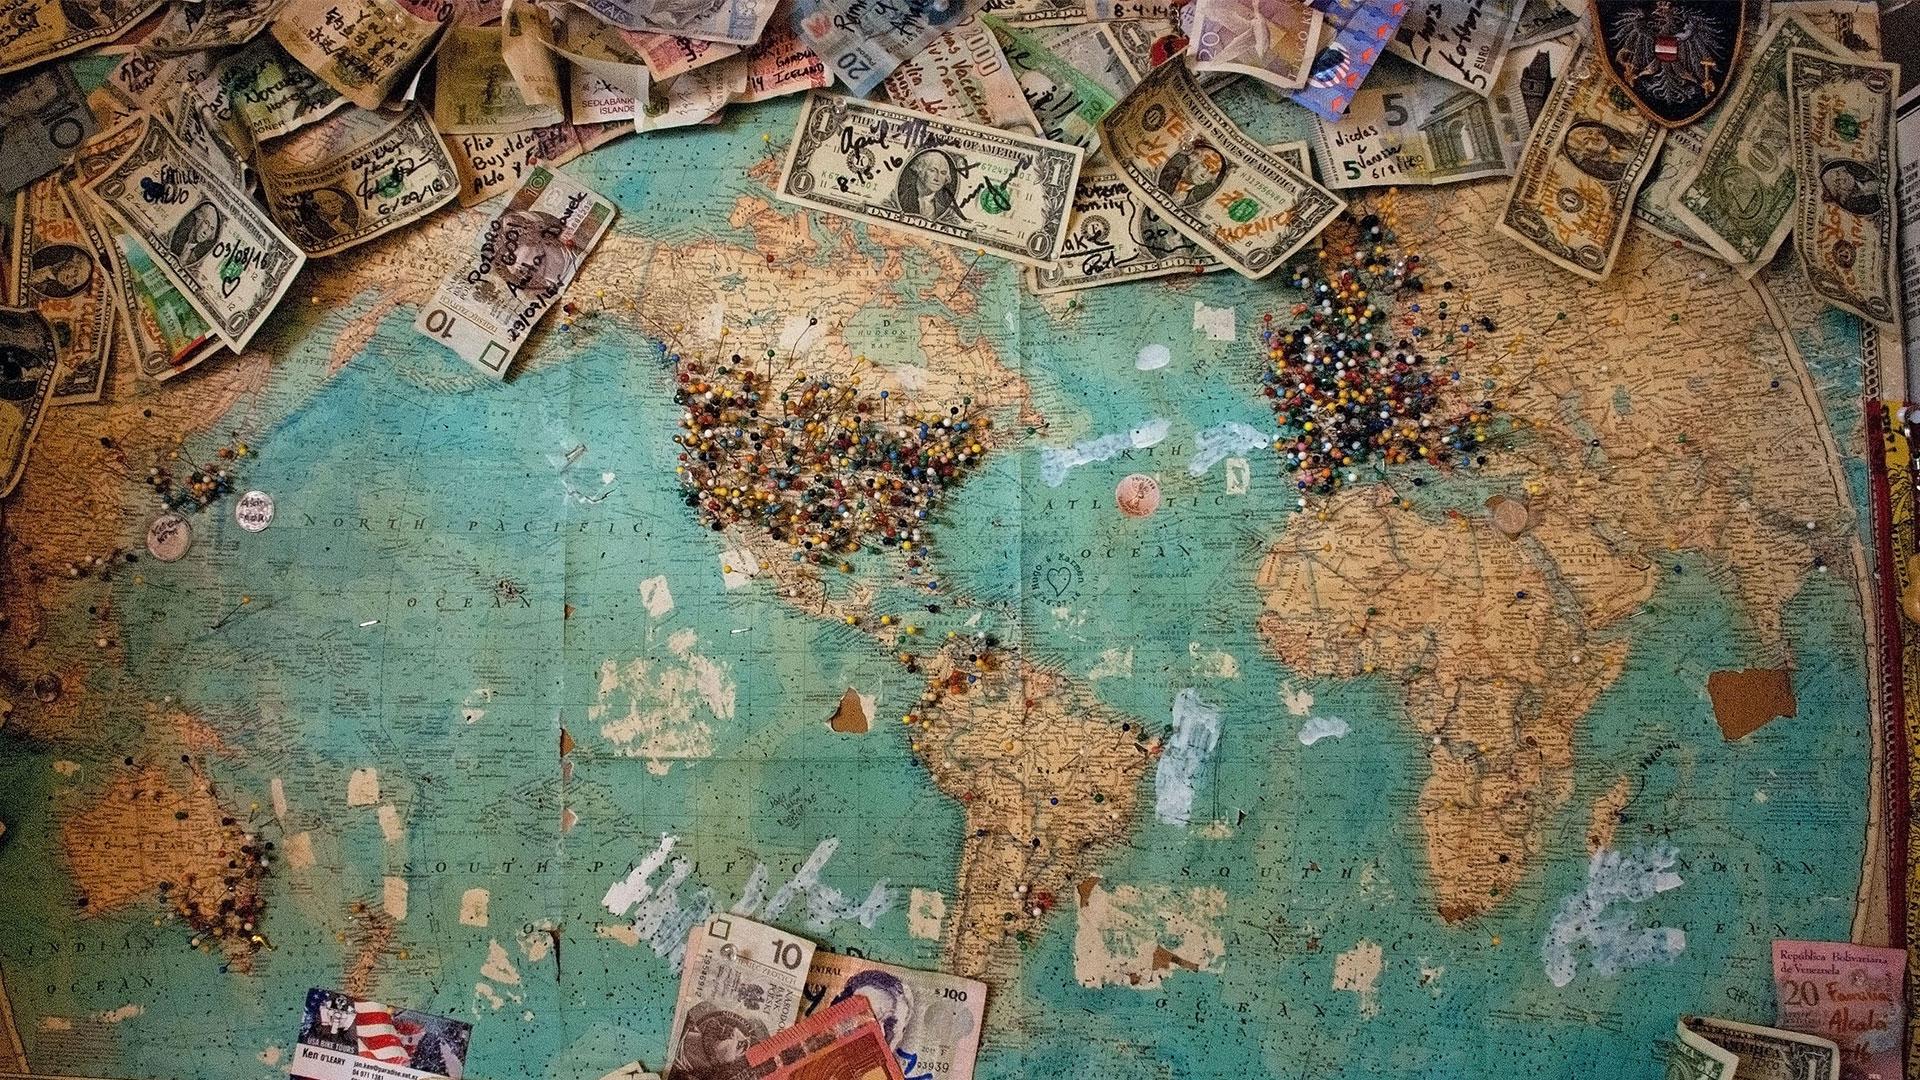 Kansainvälinen verkkokauppa – kasvata myyntiä ulkomaille MyCashflow'n avulla